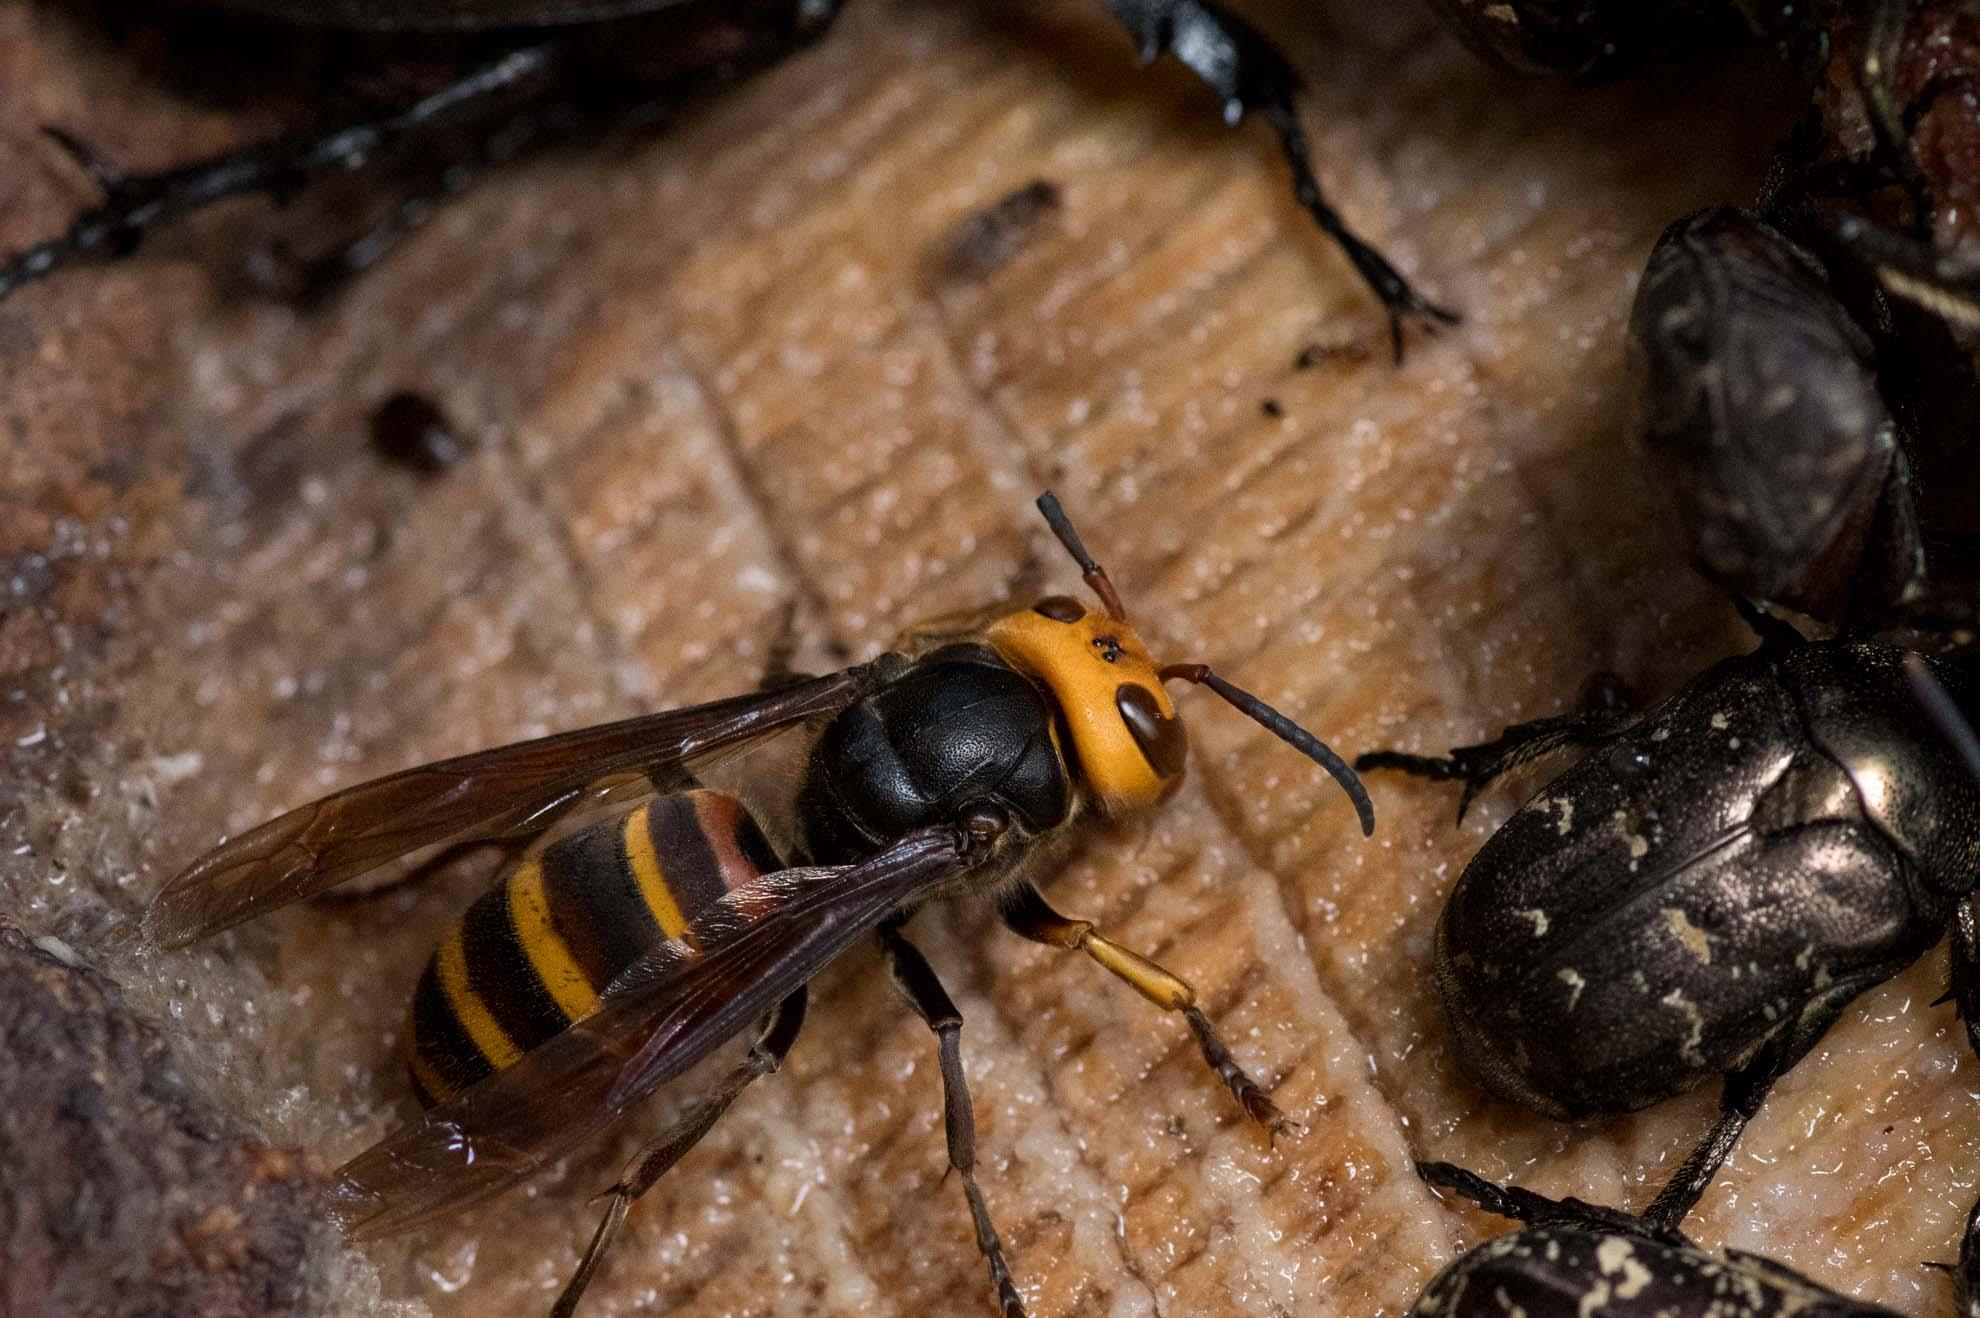 樹液をすするコガタスズメバチ